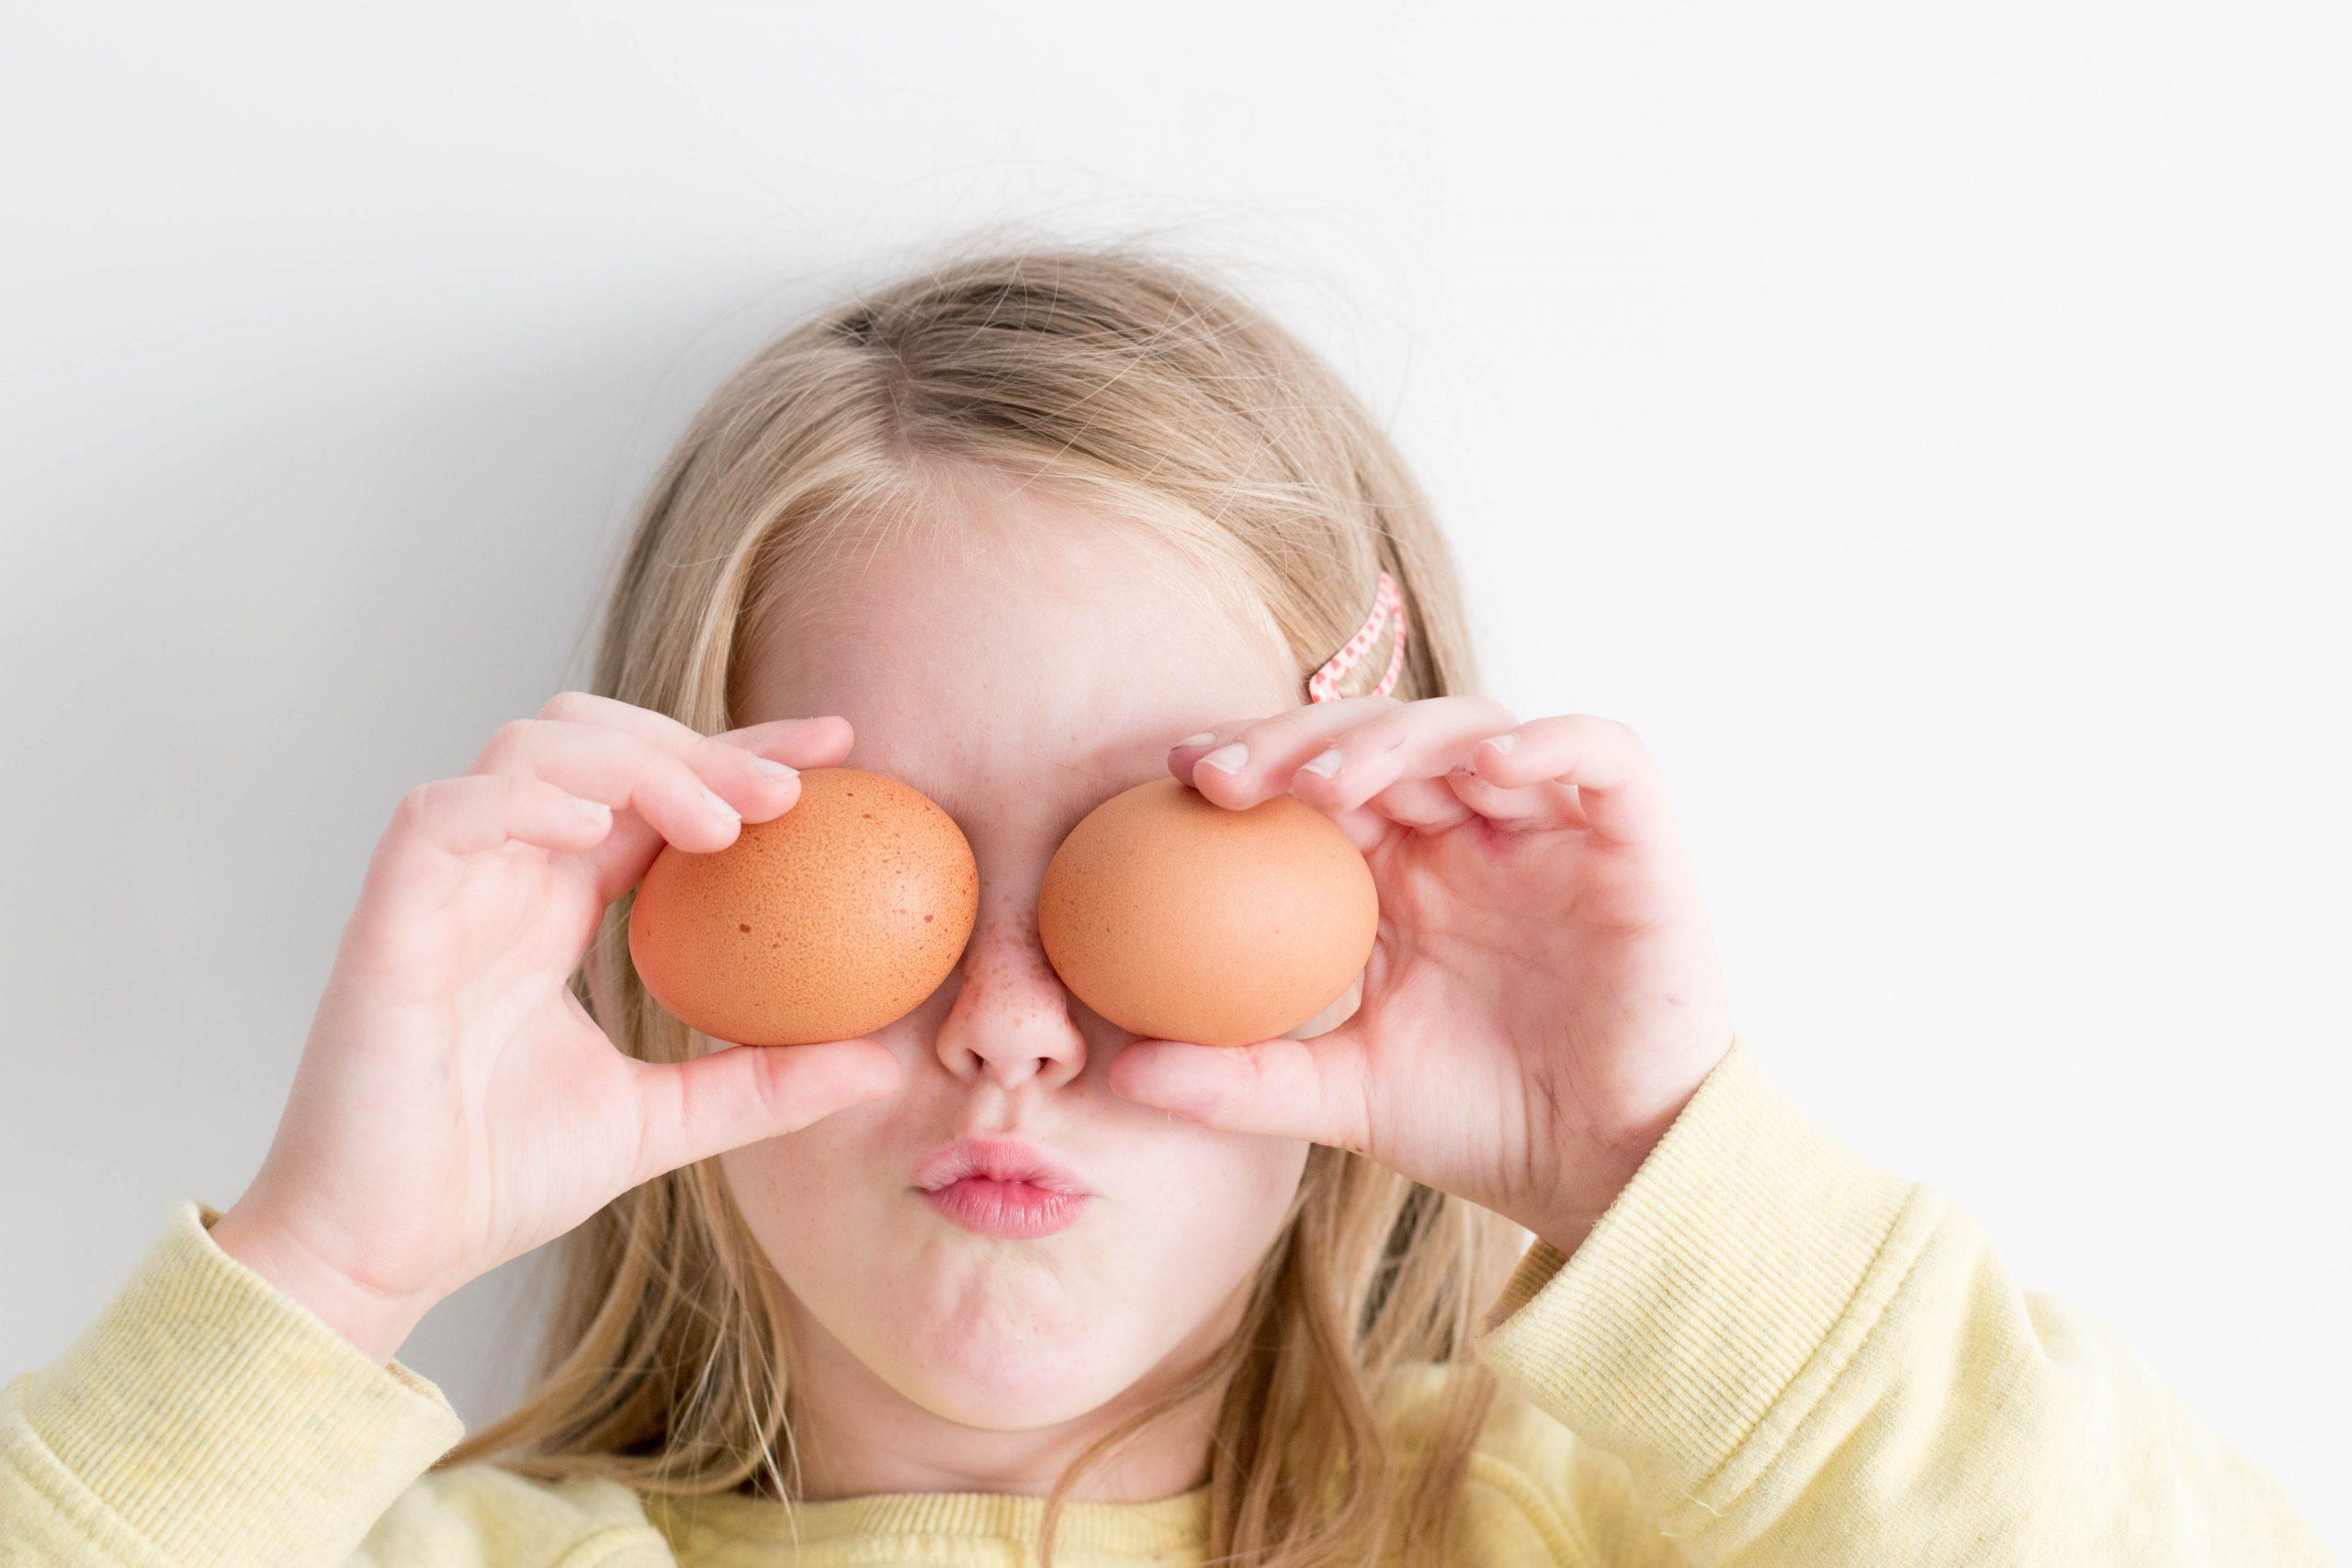 Nutricionista dá dicas para manter alimentação saudável das crianças durante a quarentena